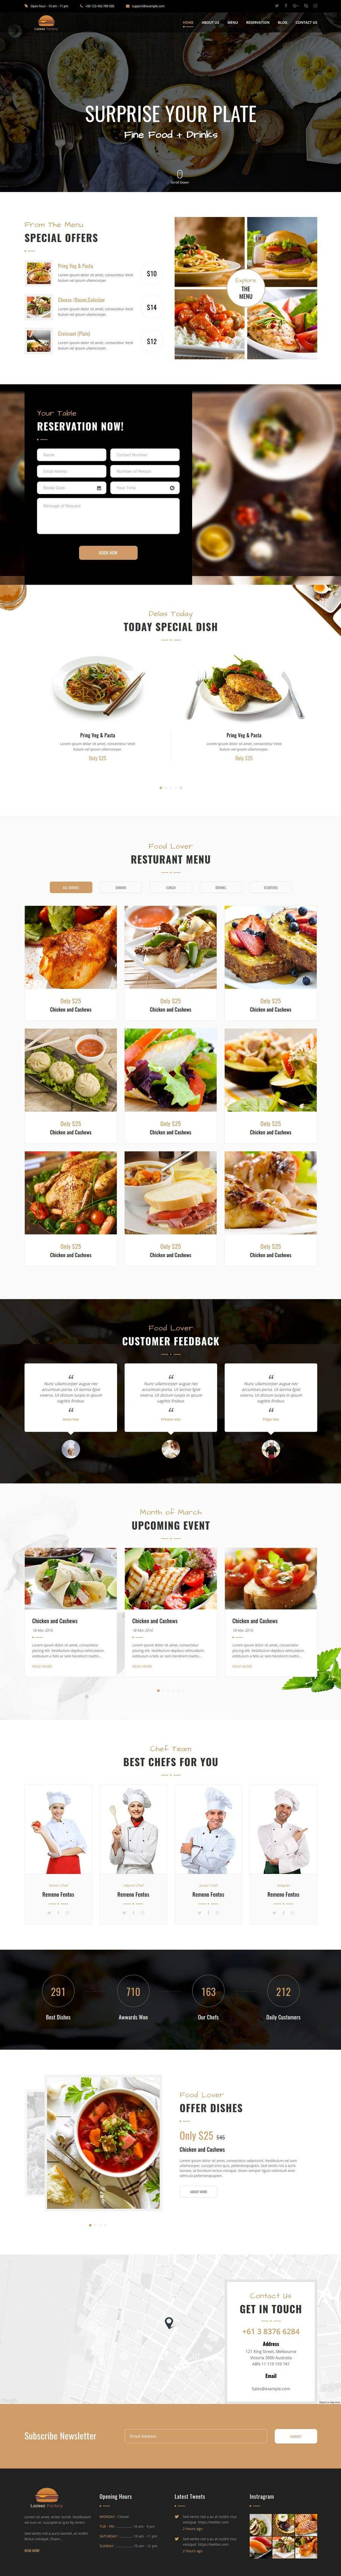 Konkurrenceindlæg #100 for Design A Website and Logo For Restaurant